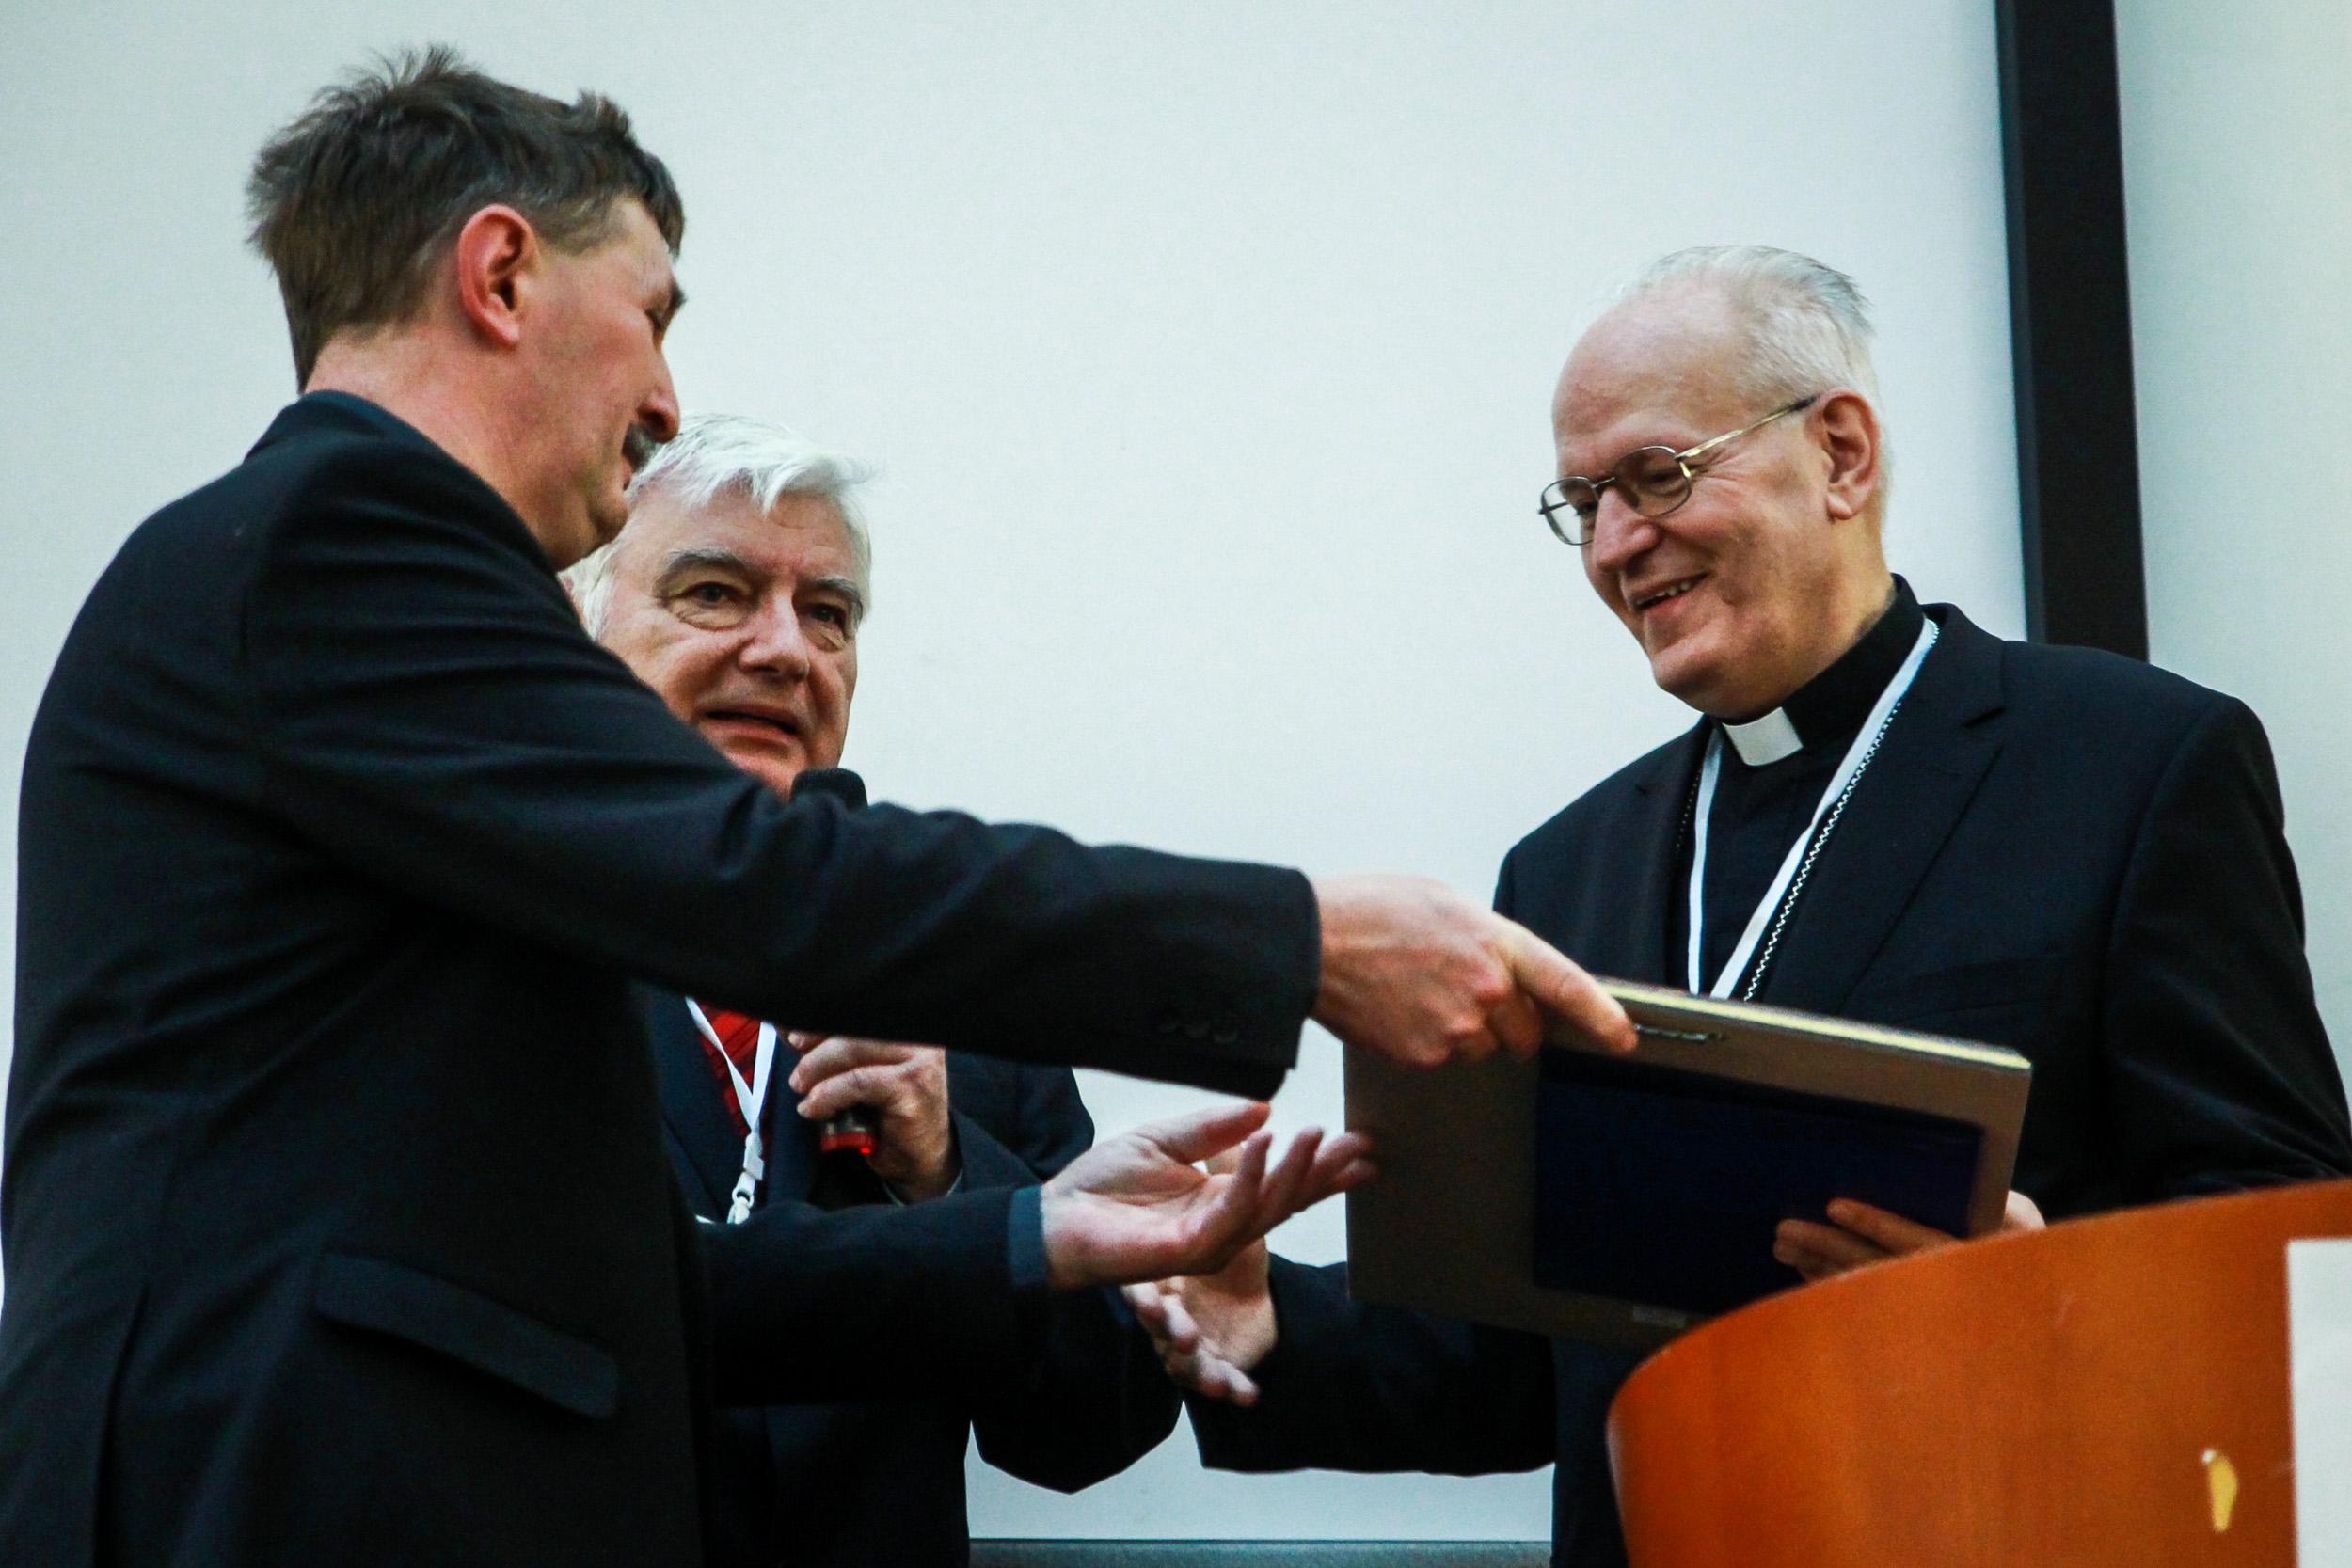 Charta XXI - Együtt az úton magyarok és szlovákok Budapest 2016